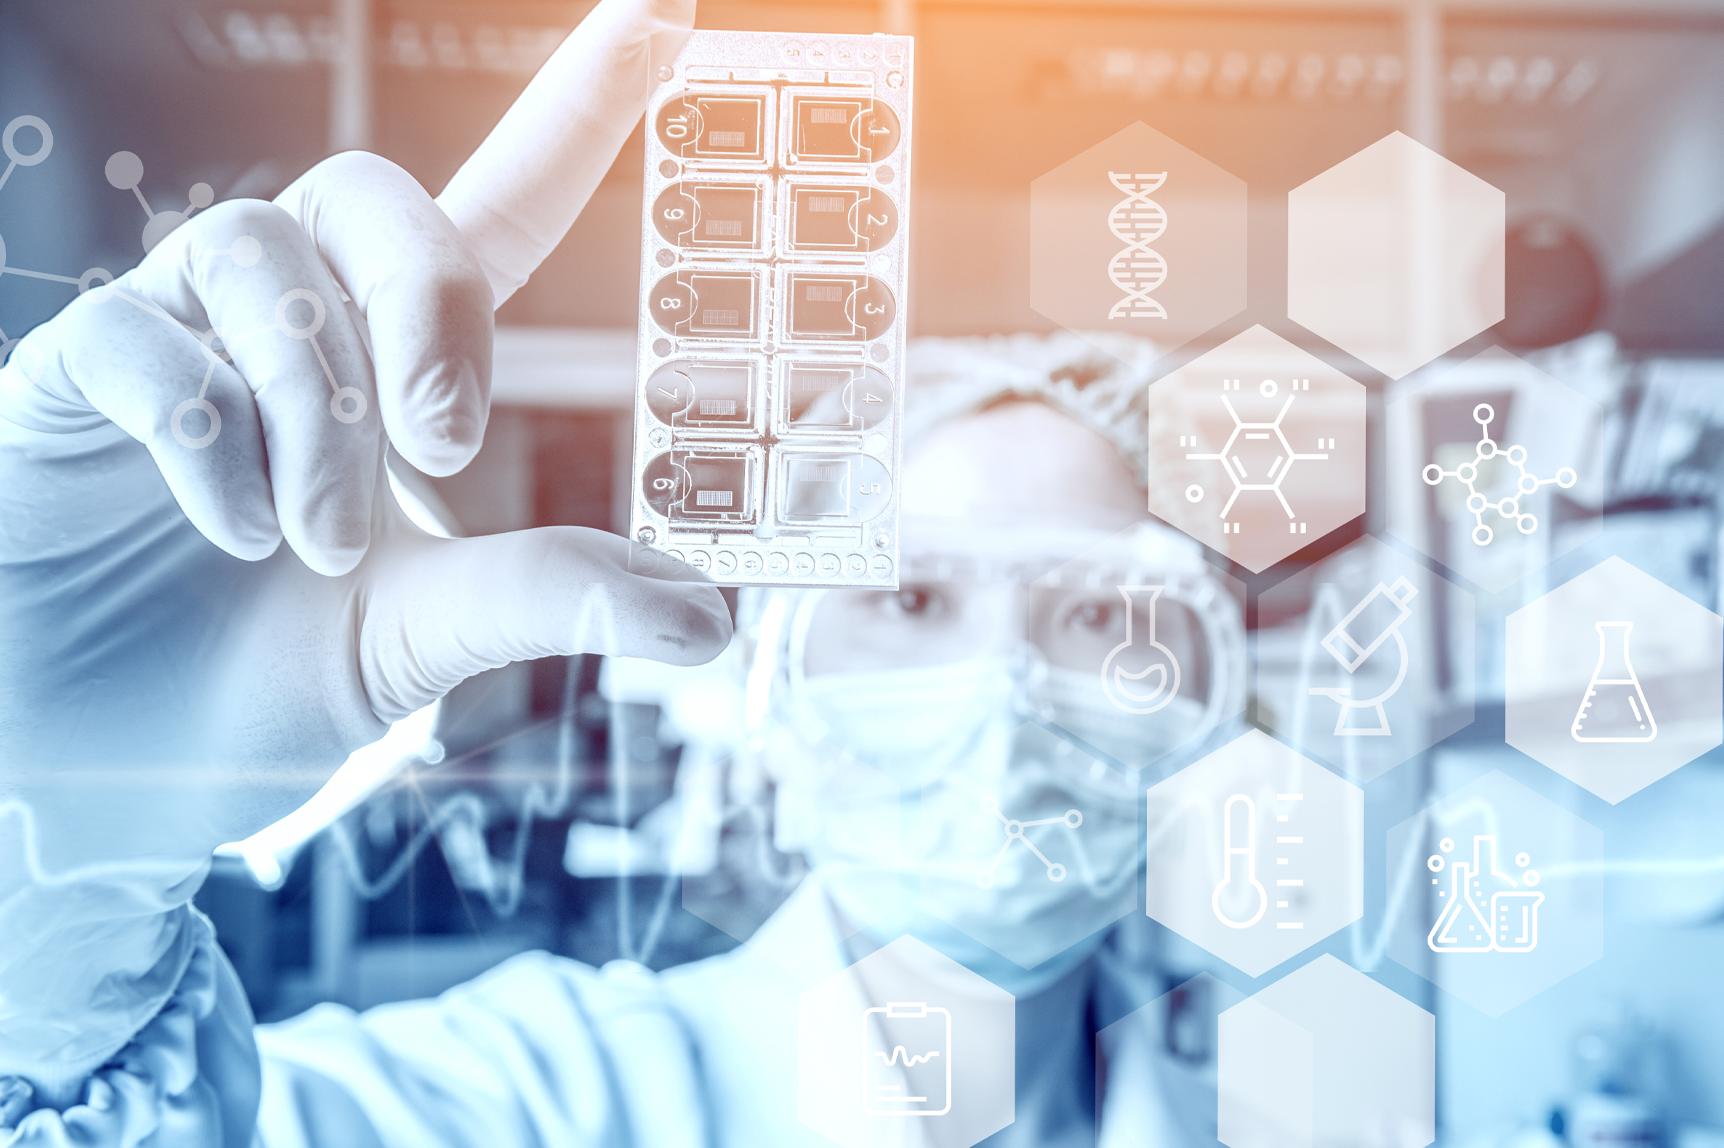 Цифровая трансформация в фармацевтике: эффекты от внедрения информационных технологий